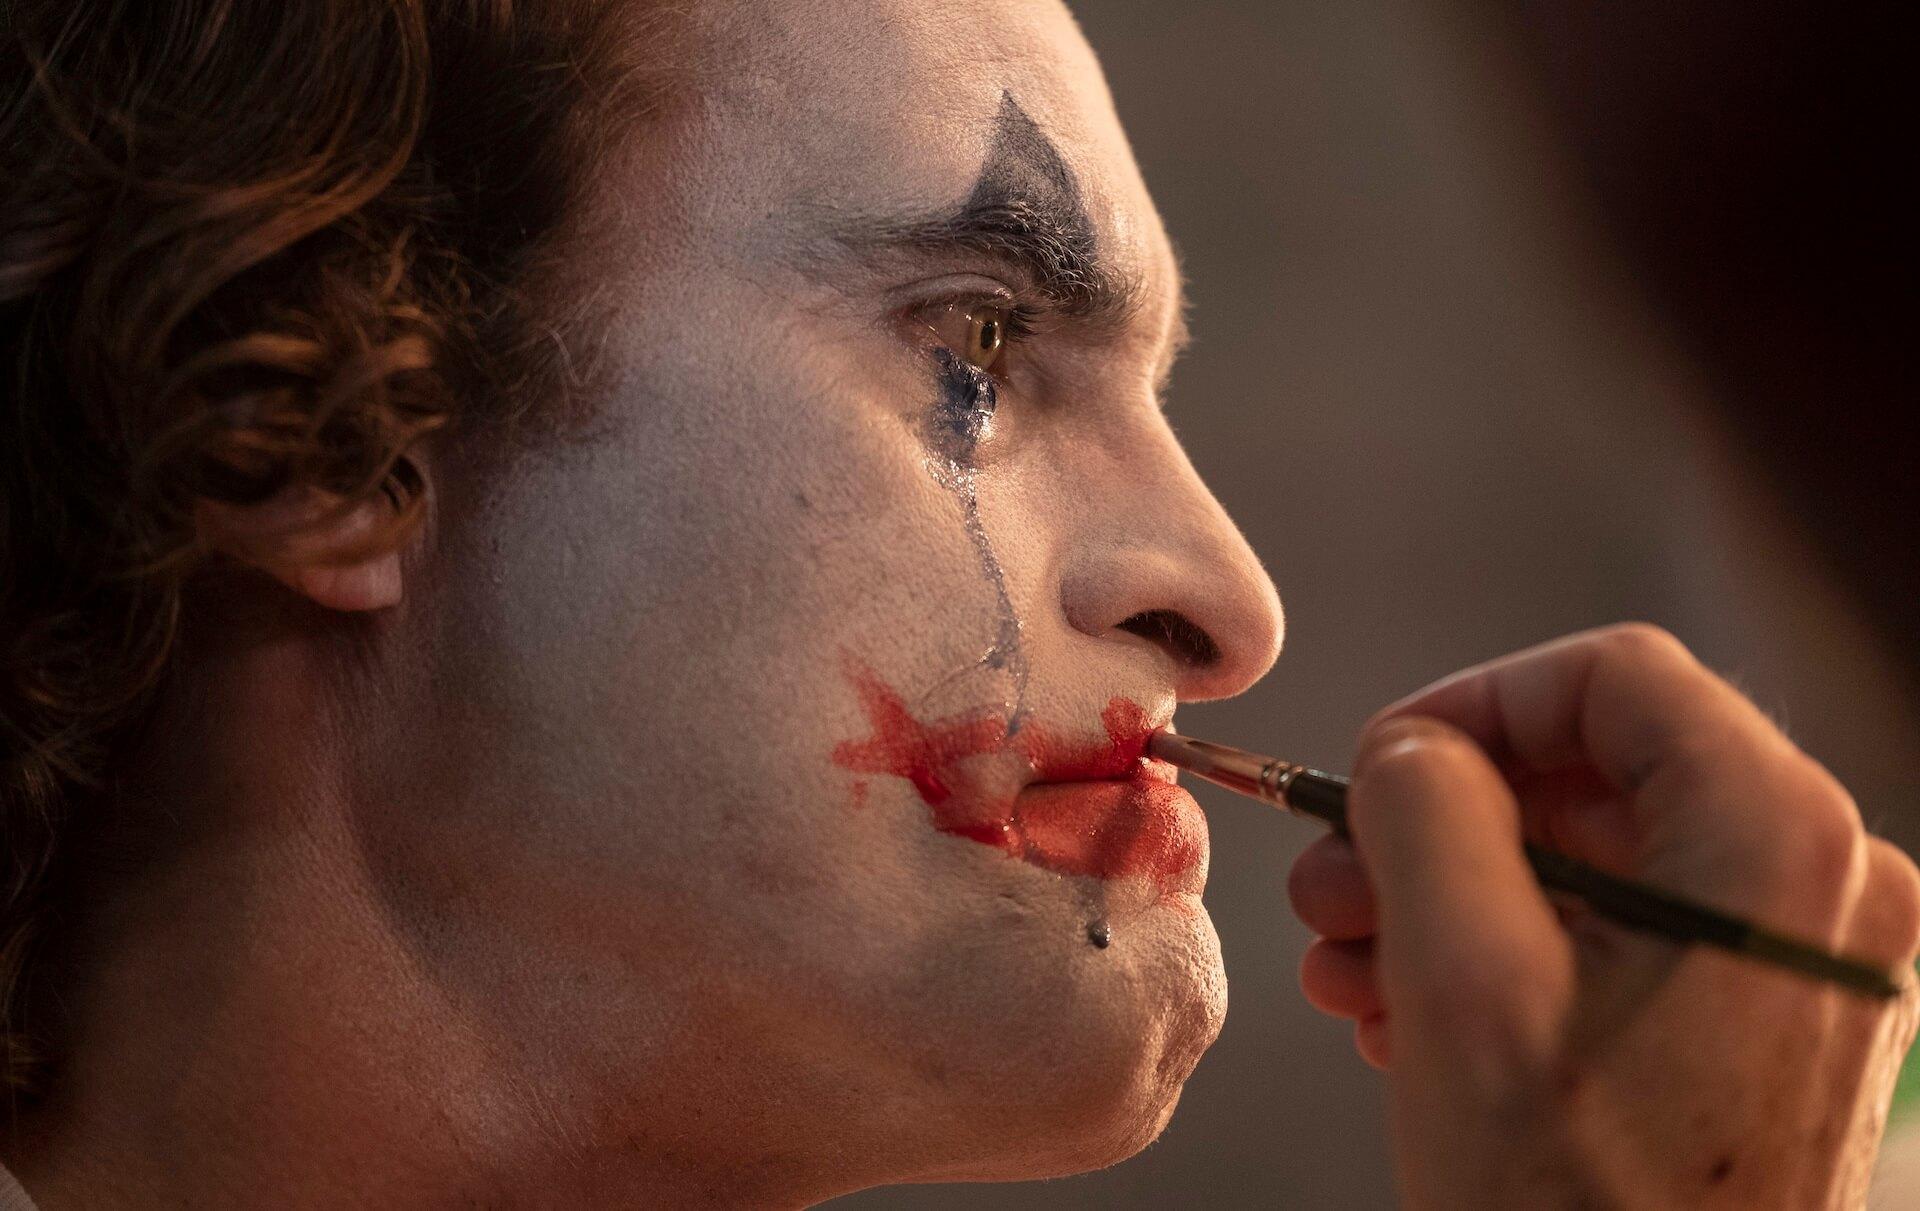 映画『ジョーカー』には「あまりにも狂っていた」ためにカットされたNGシーンがあったと監督が語る film191112-joker-1